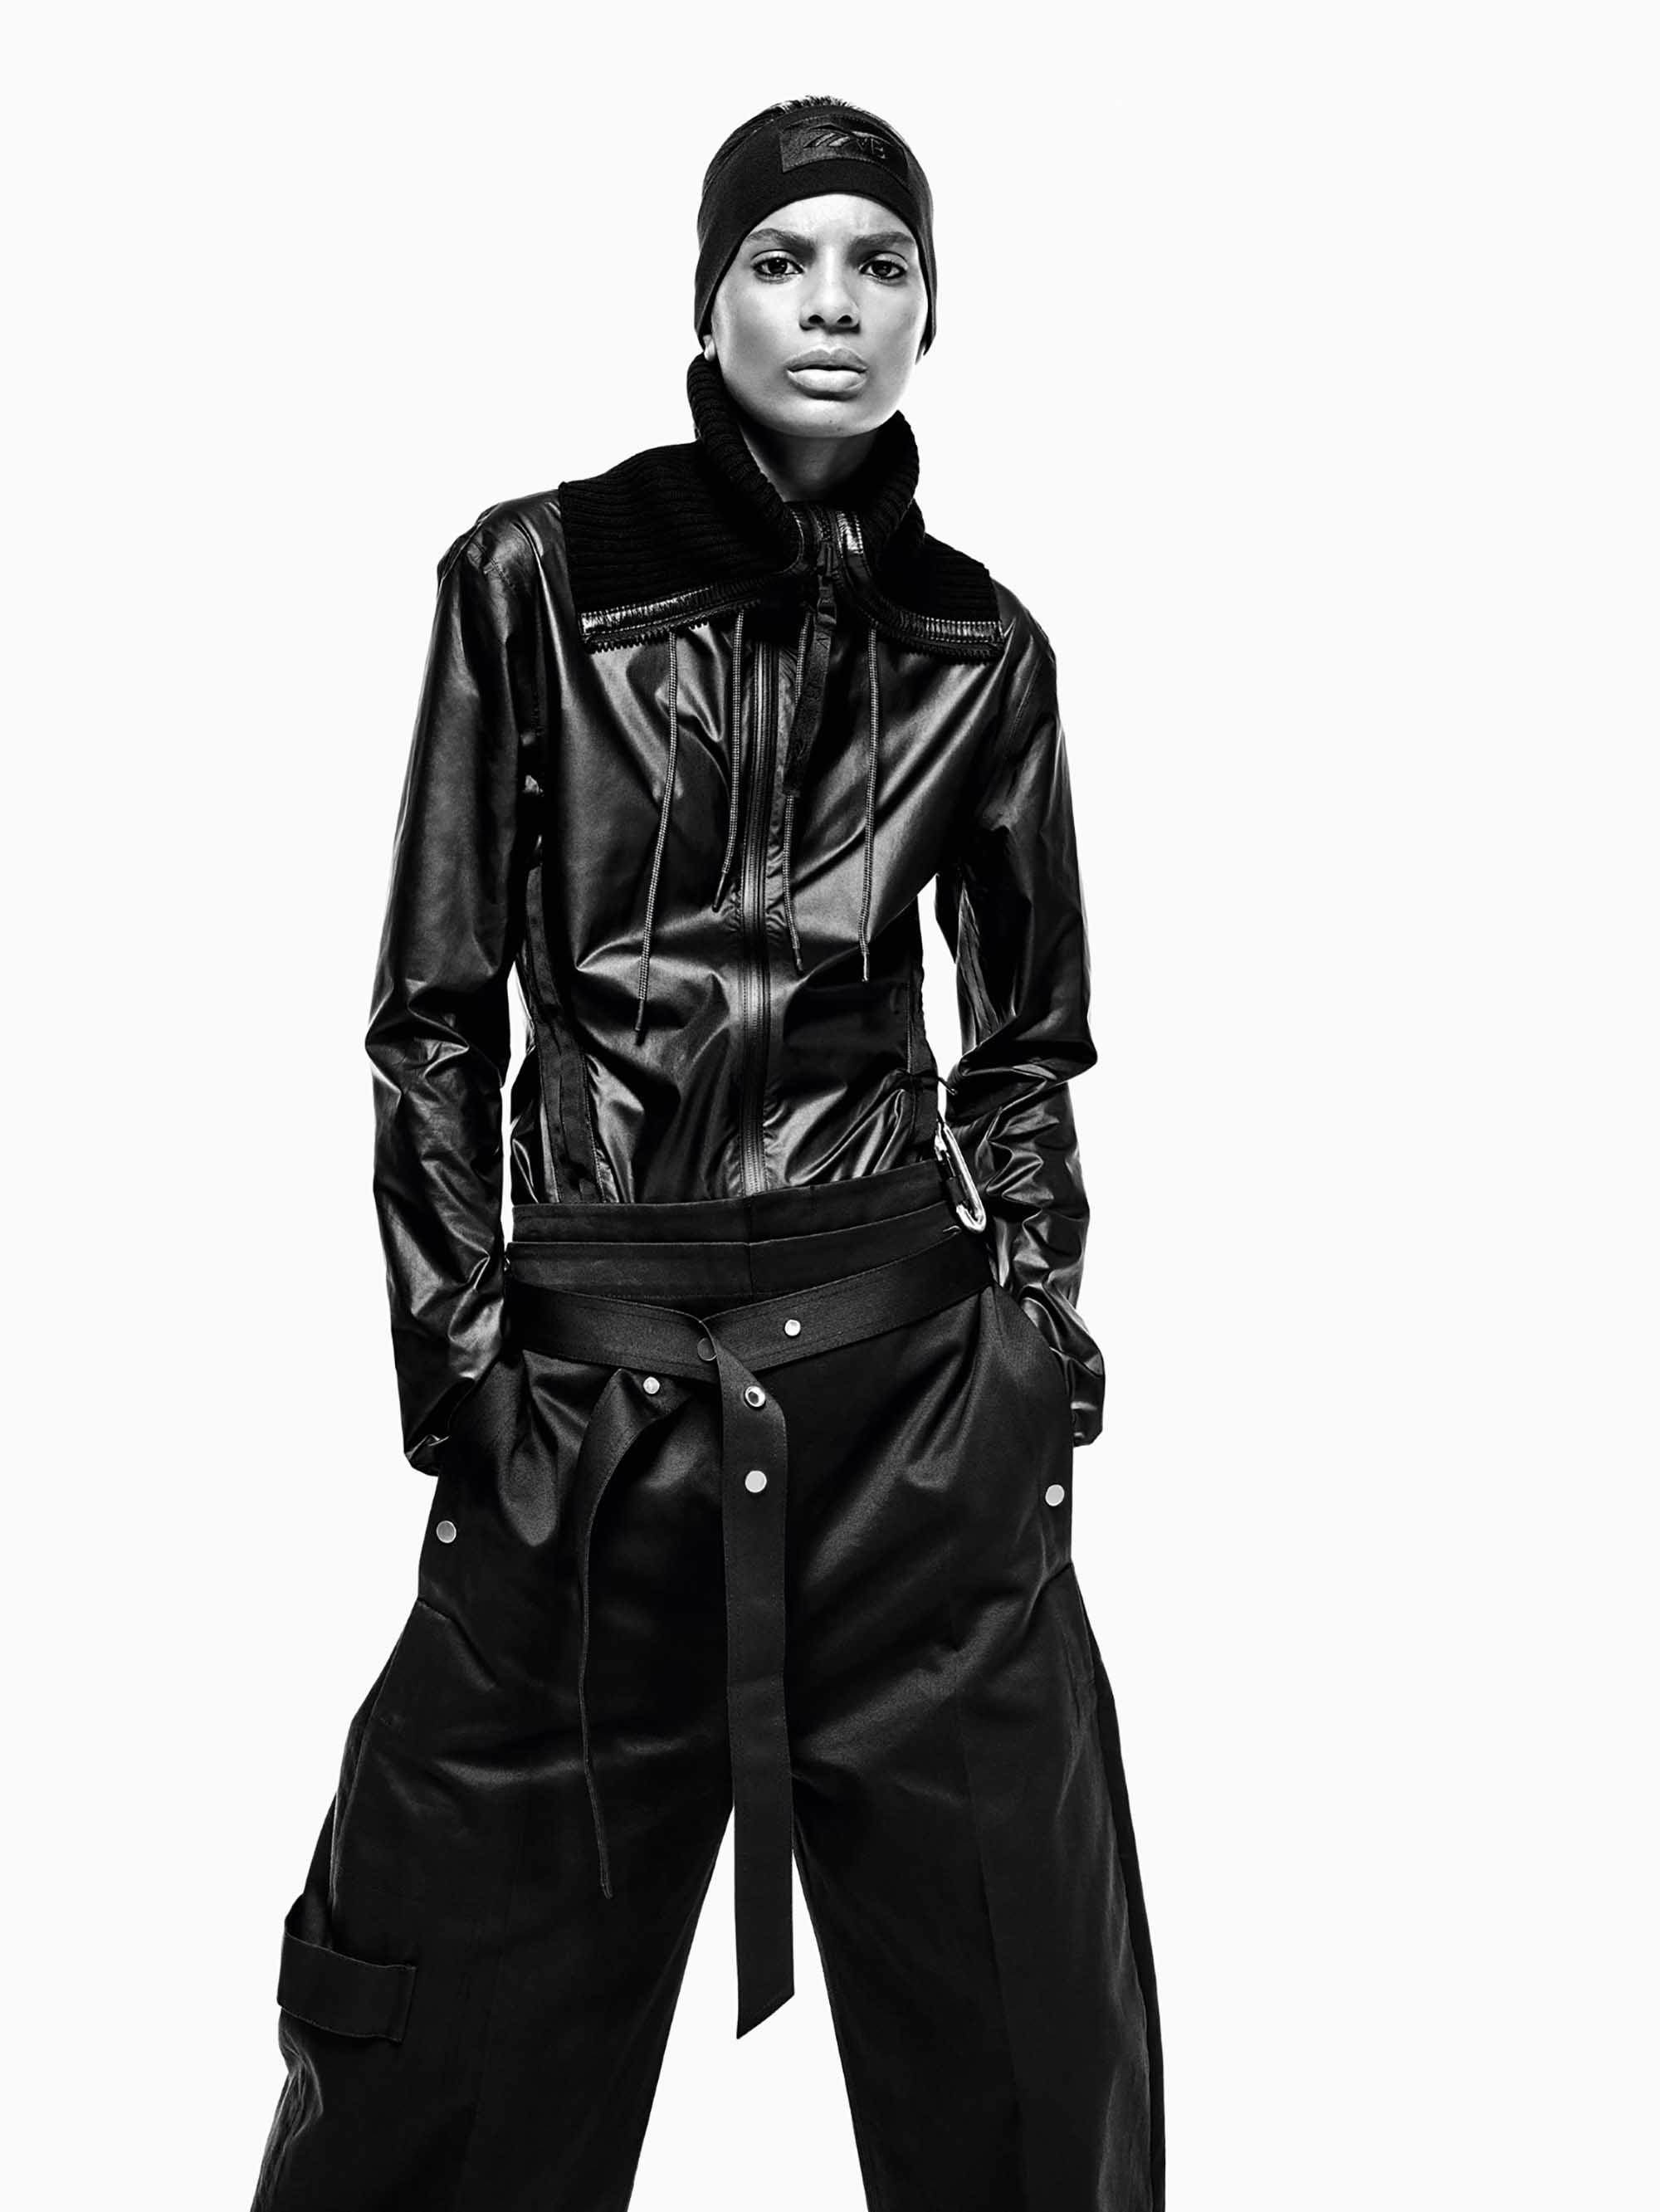 ויקטוריה בקהאם ו REEBOK - מגזין אופנה - Fashion Israel - חדשות האופנה